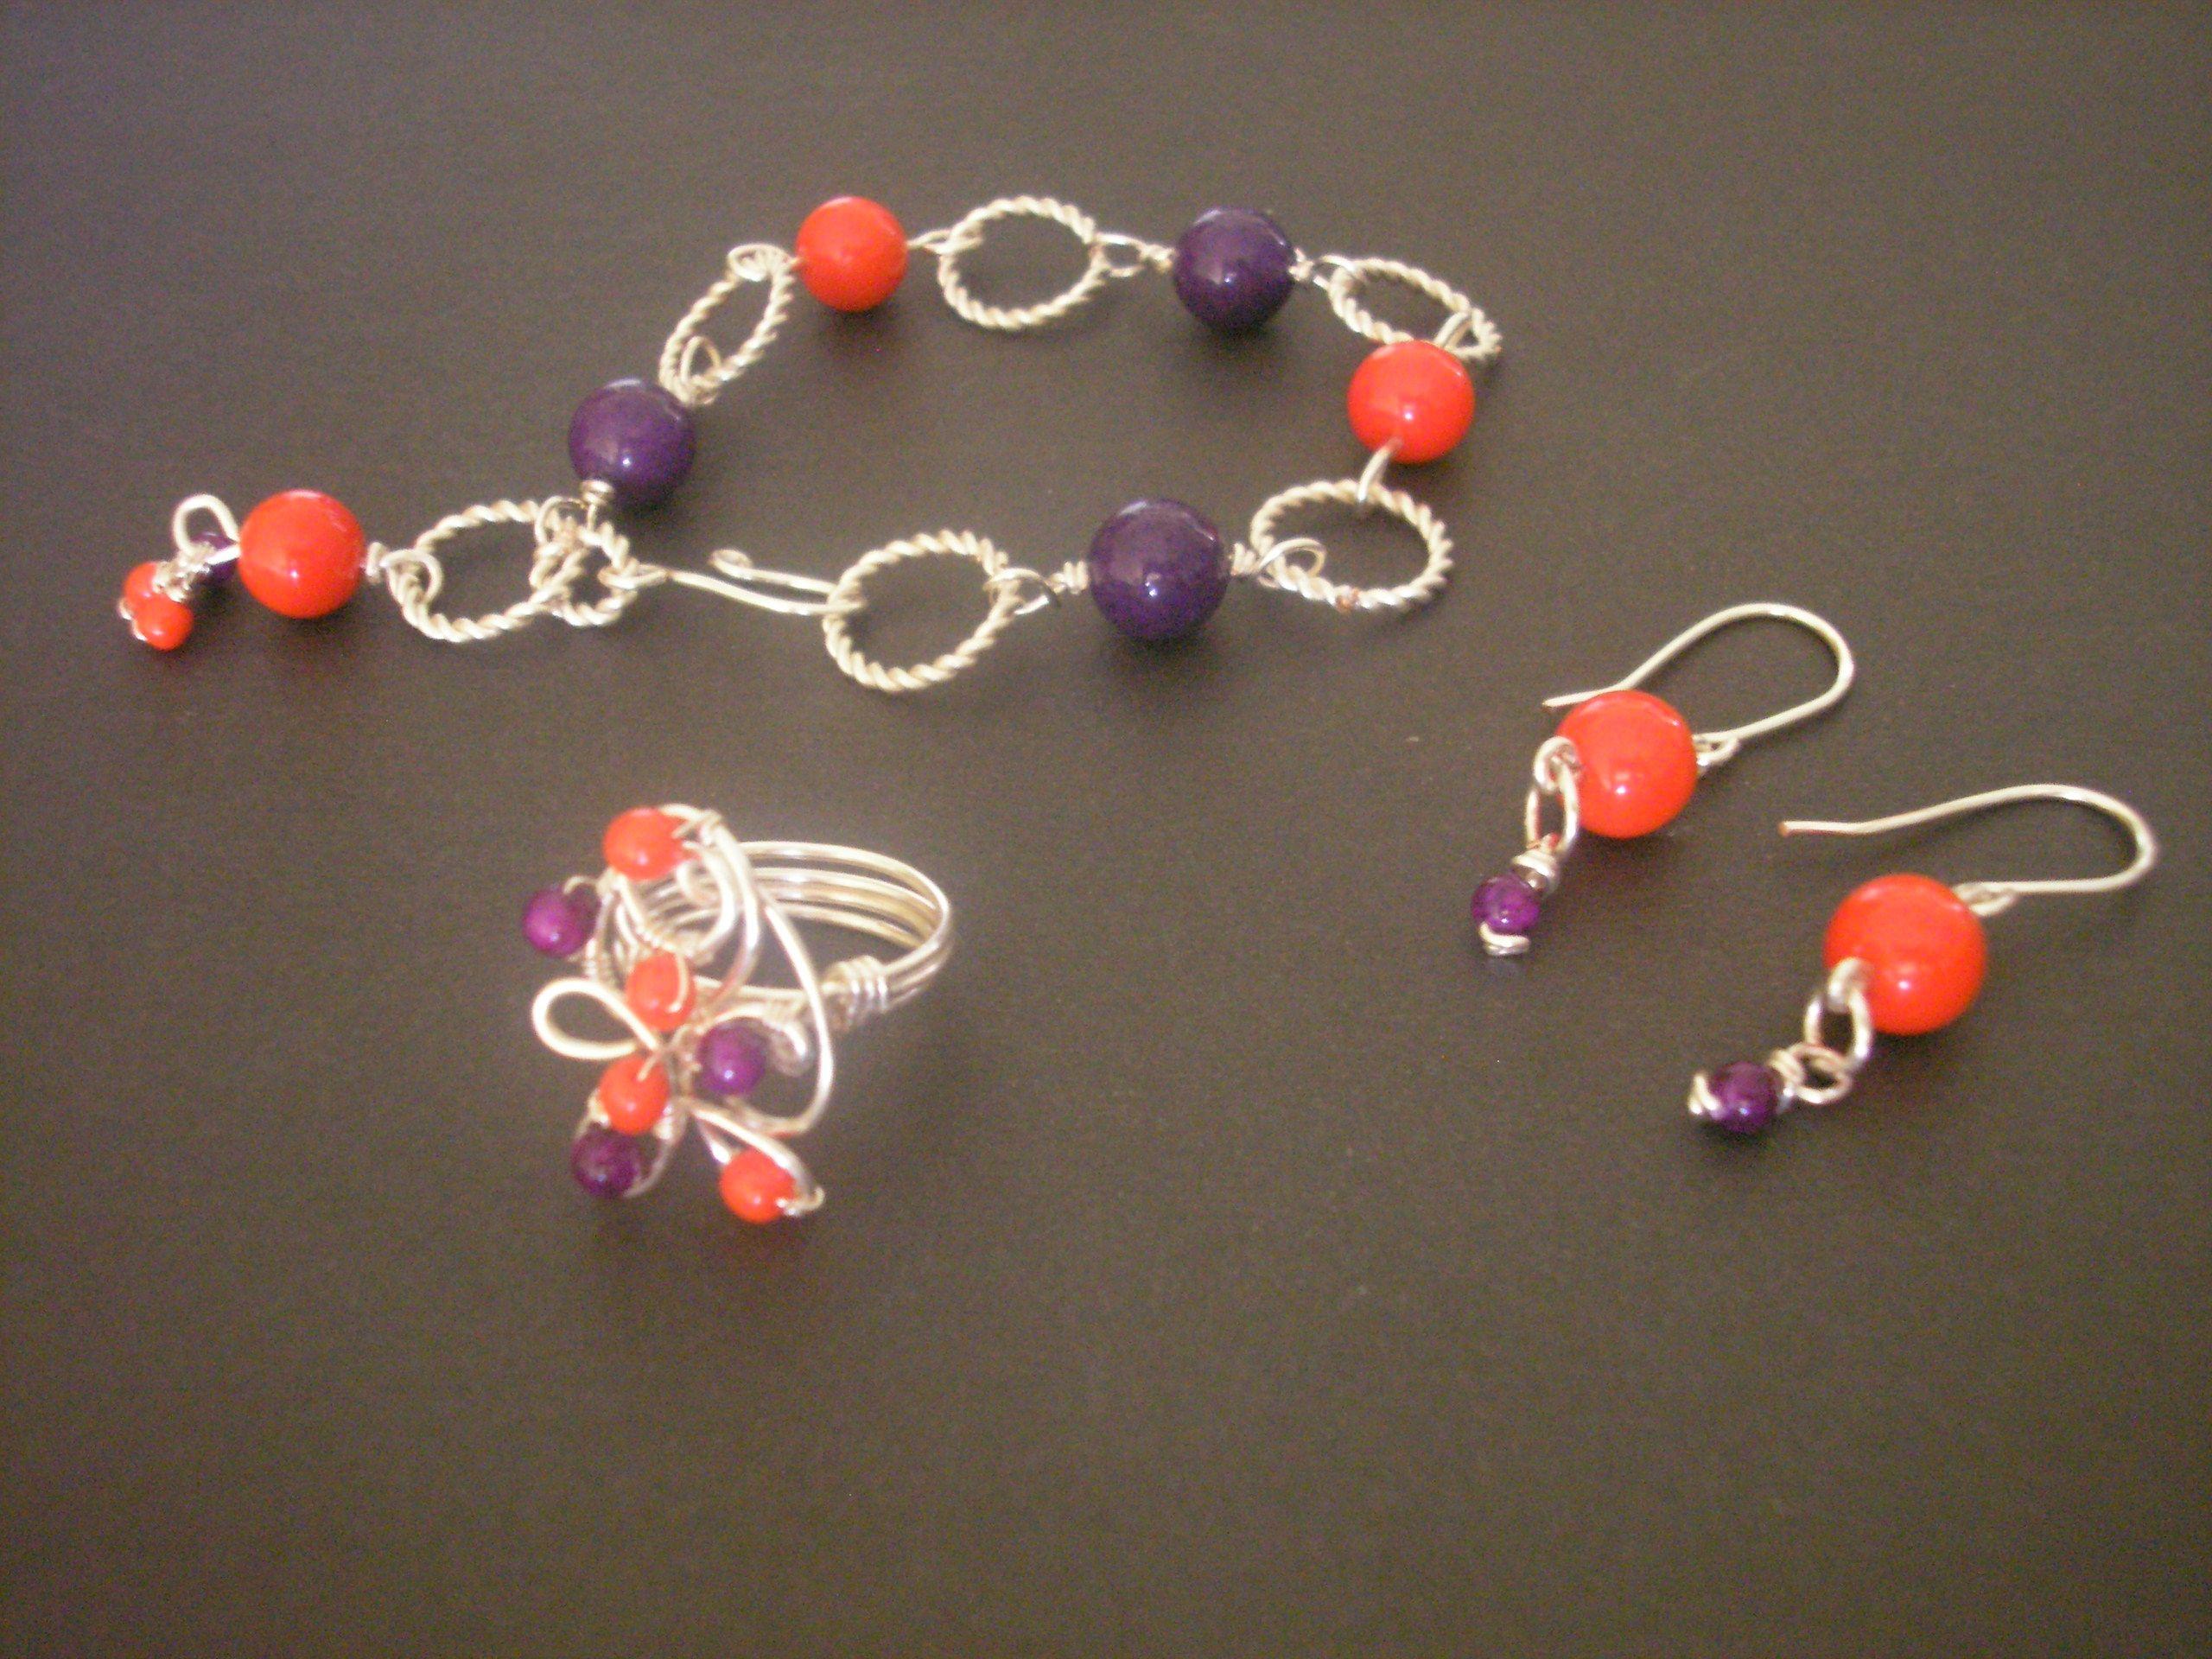 juego de pulsera , anillo y aretes rojos y morados.. en alambrismo